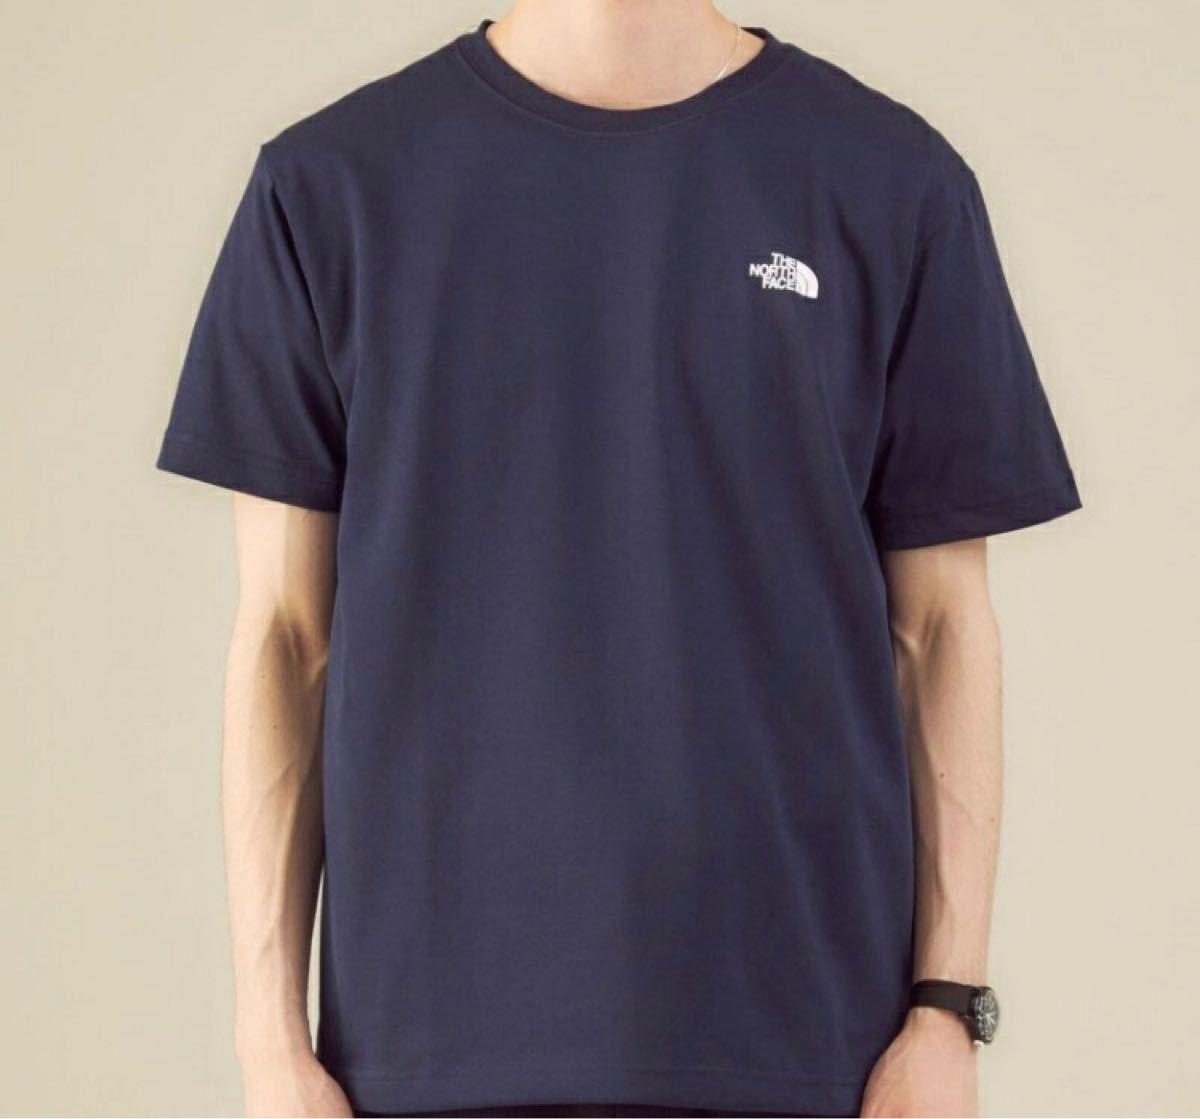 THE NORTH FACE(ザ ノースフェイス) バックスクエアロゴ Tシャツ